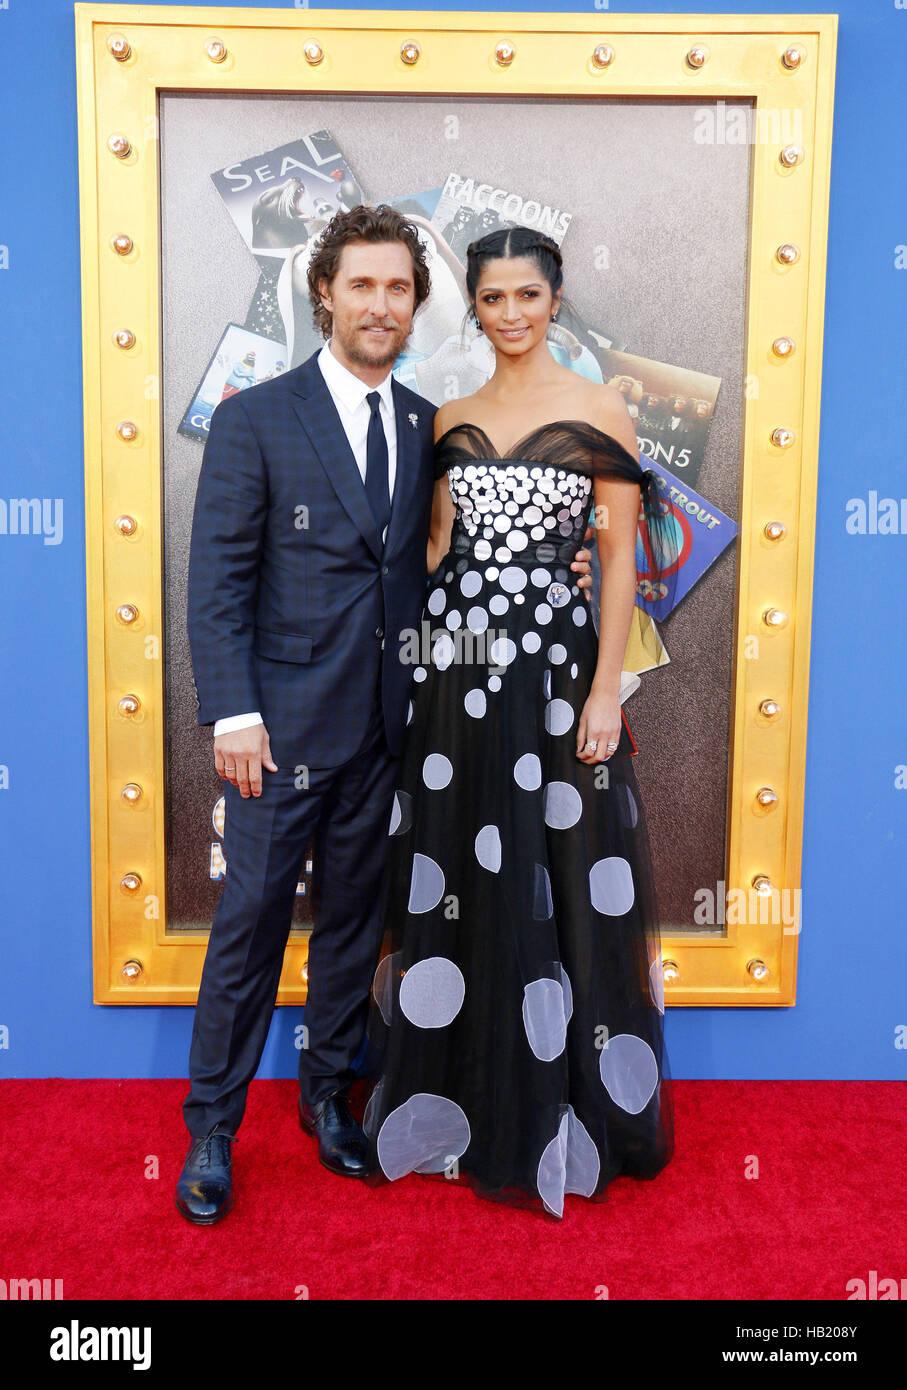 Los Angeles, California, USA. 3 dicembre, 2016. Matthew McConaughey e Camila Alves presso il Los Angeles premiere Immagini Stock